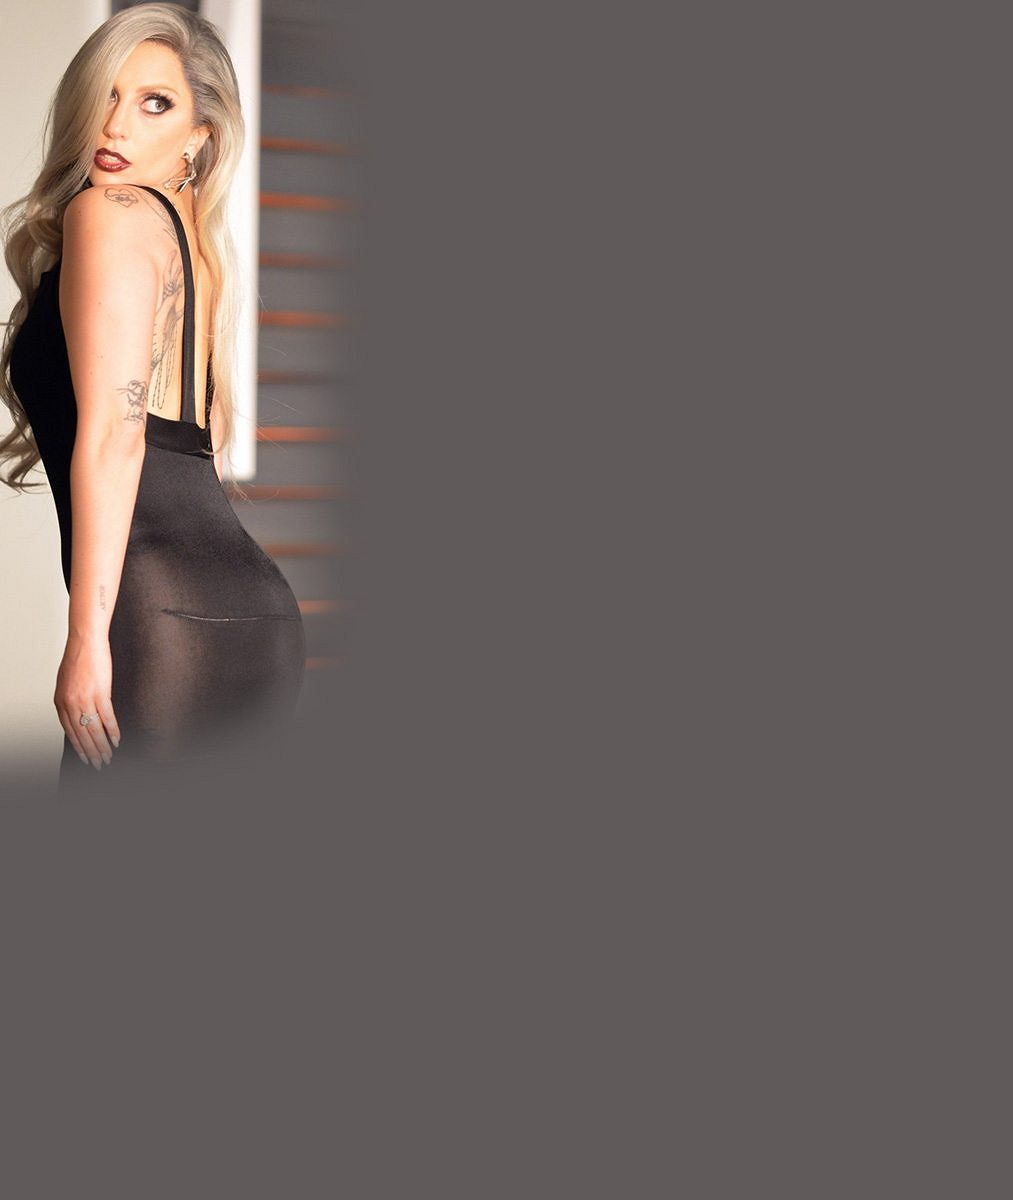 Popové monstrum se dalo na herectví: Lady Gaga dostala roli v děsivém seriálu